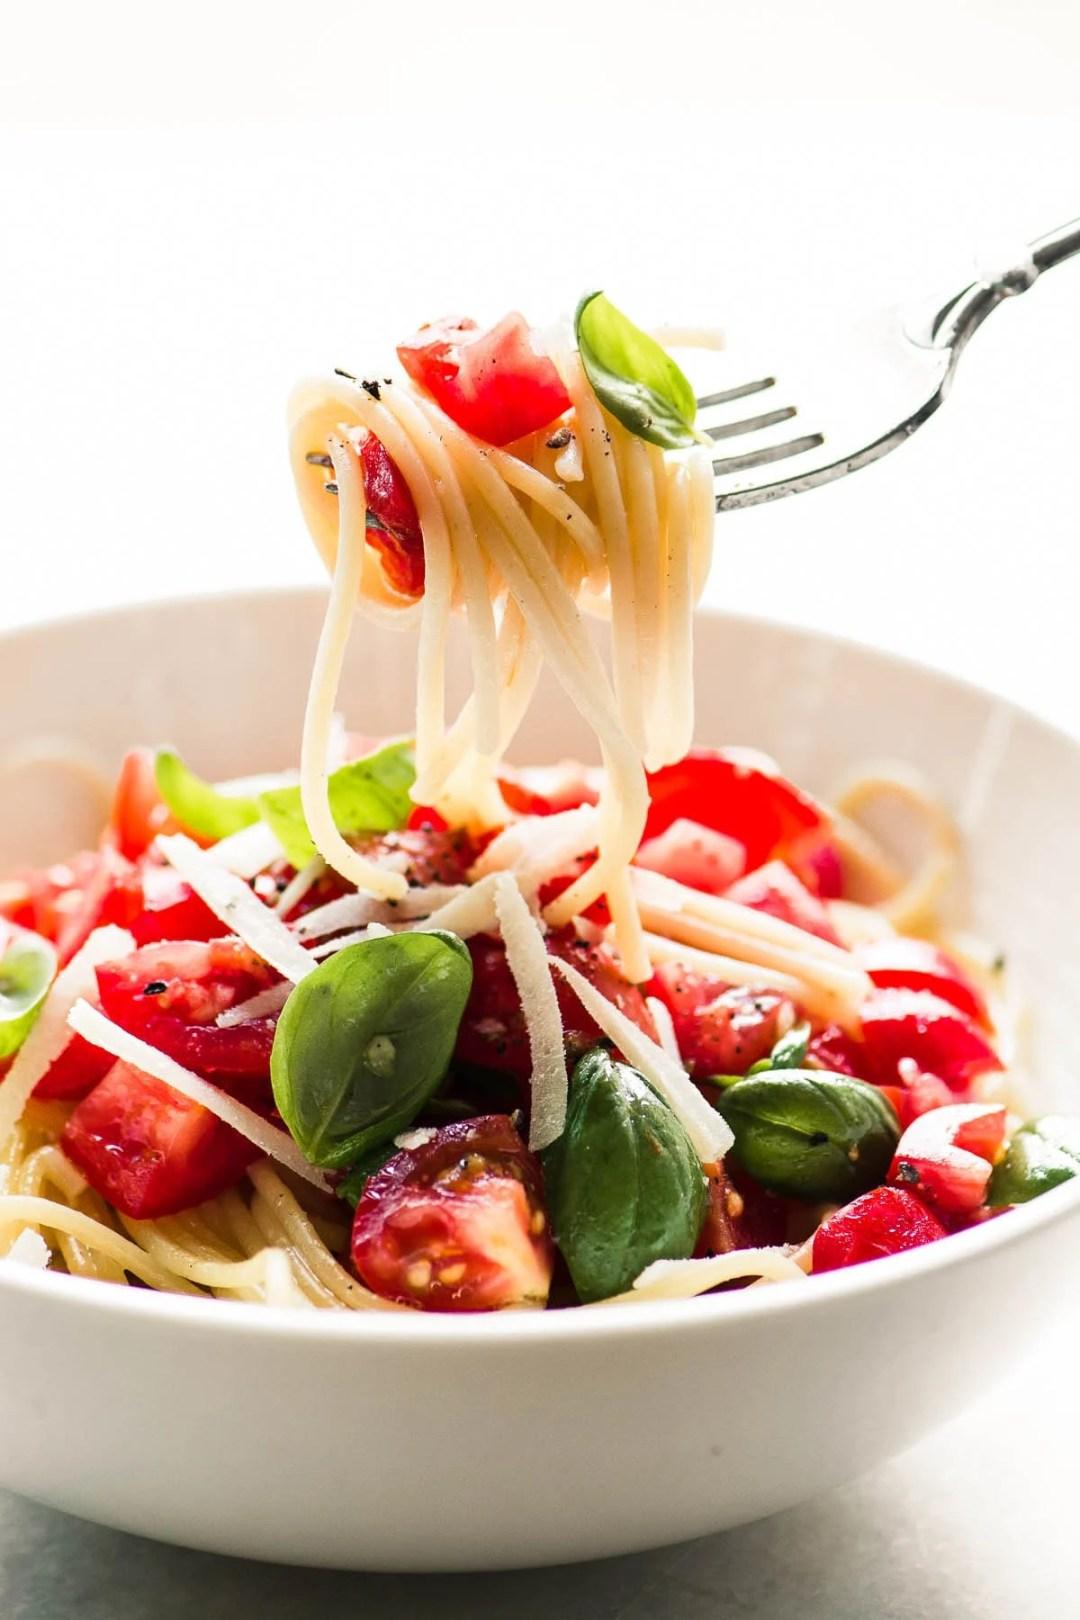 A bowl of pasta alla checca with fork